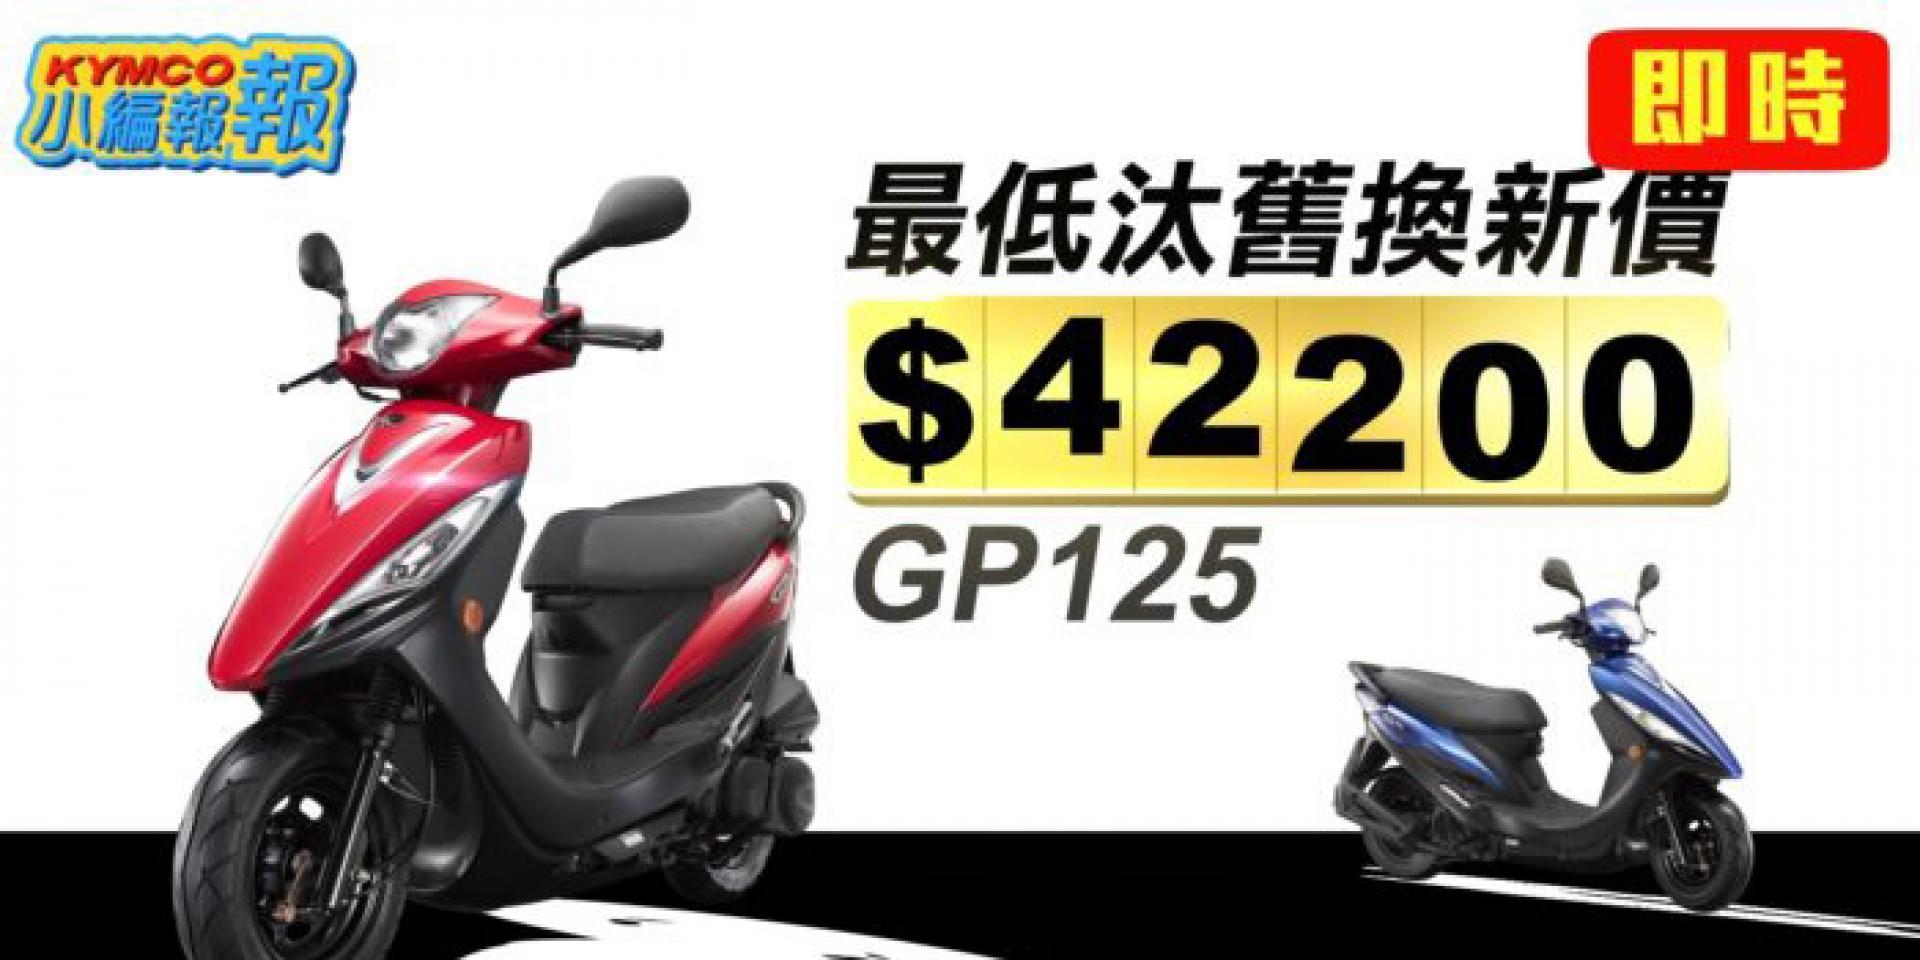 2019油車優惠戰開打!GP125下殺最低42,200元  壓縮電動車市場